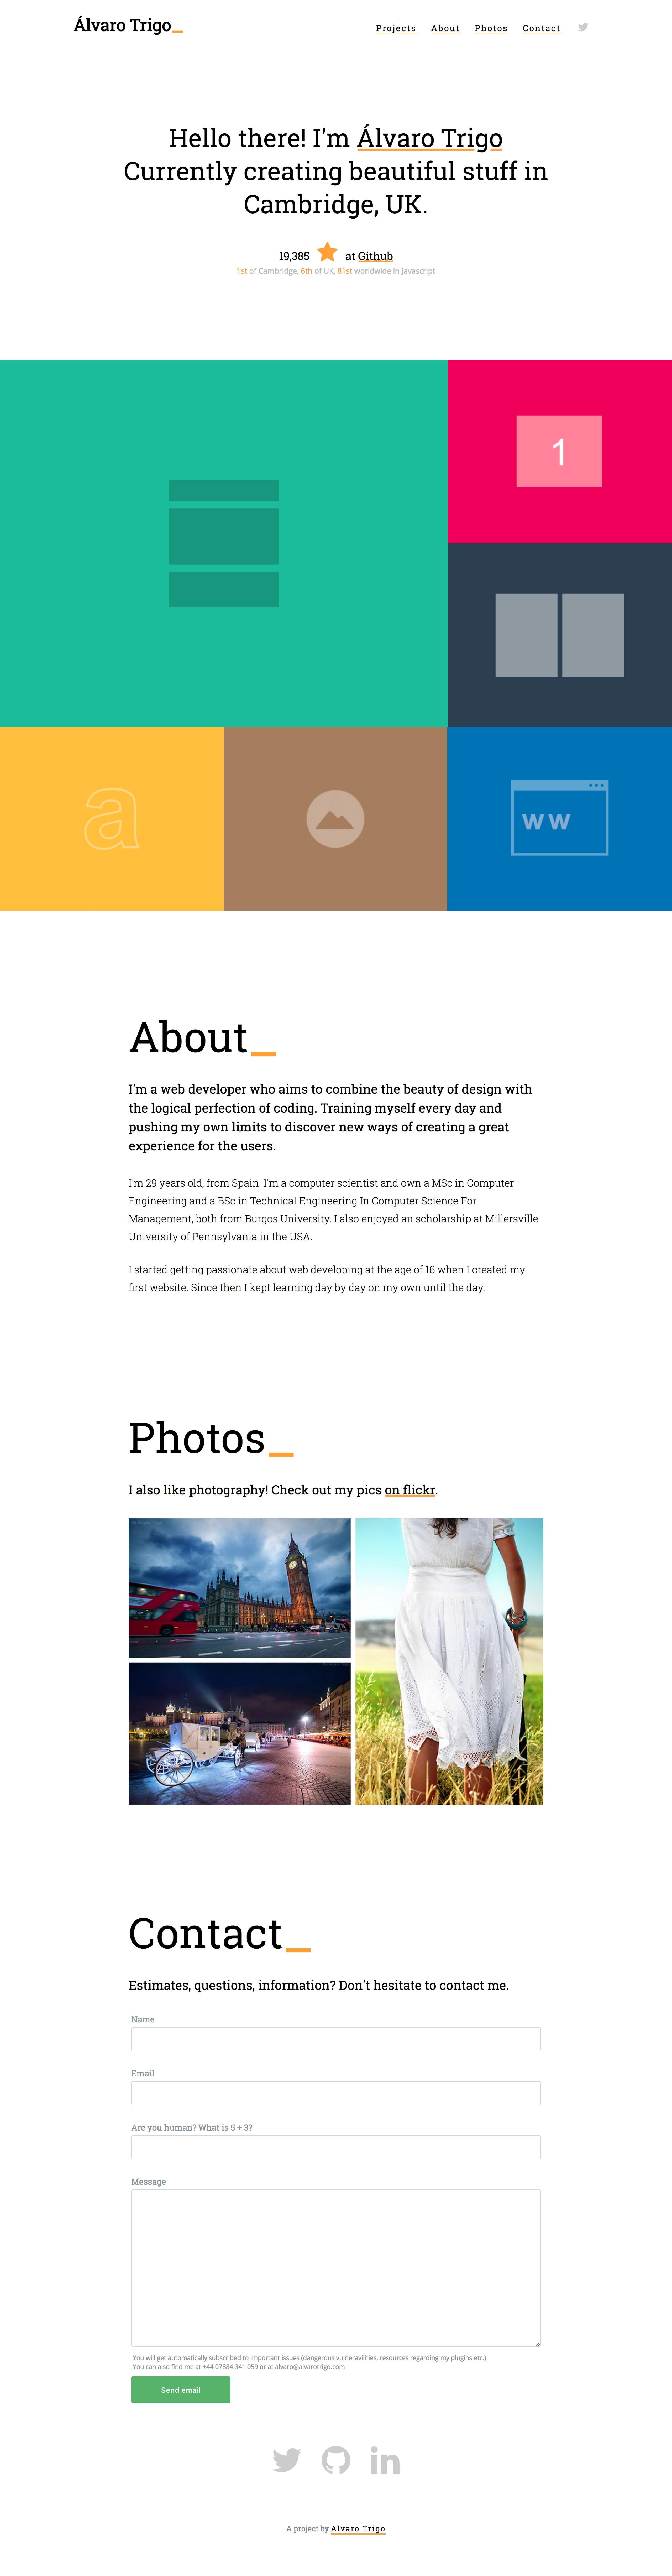 Alvaro Trigo Website Screenshot